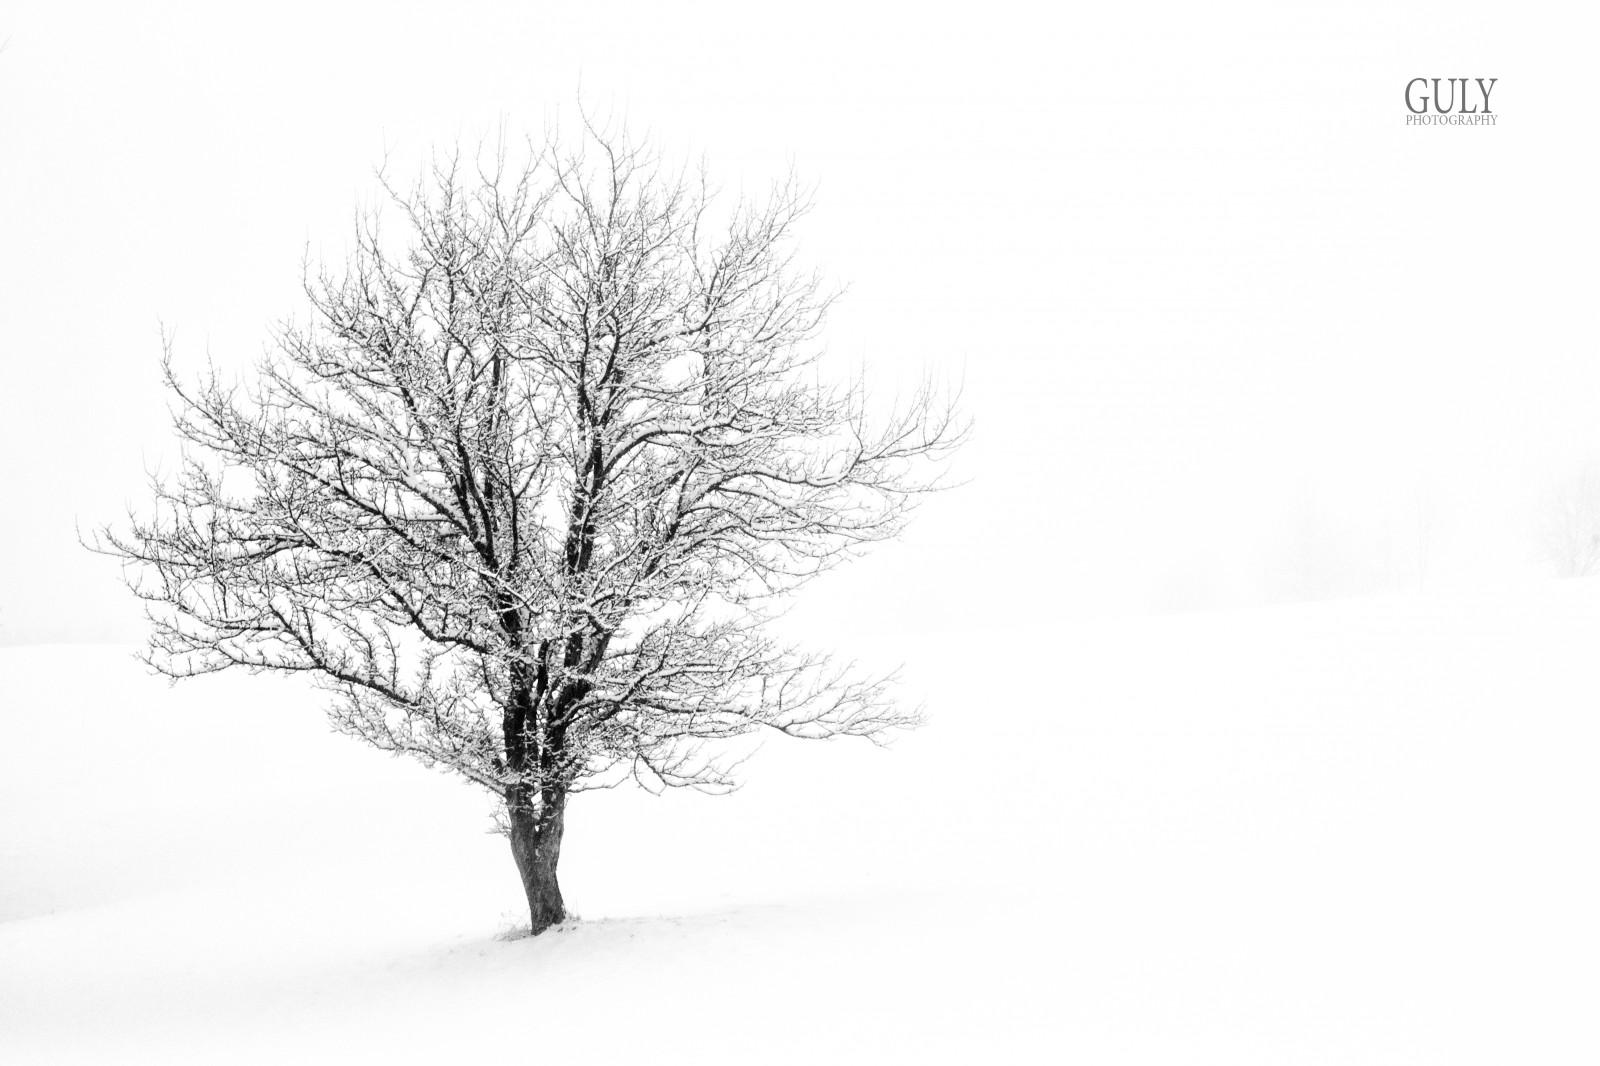 Fondos de pantalla : invierno, Blanco y negro, Bw, montaña